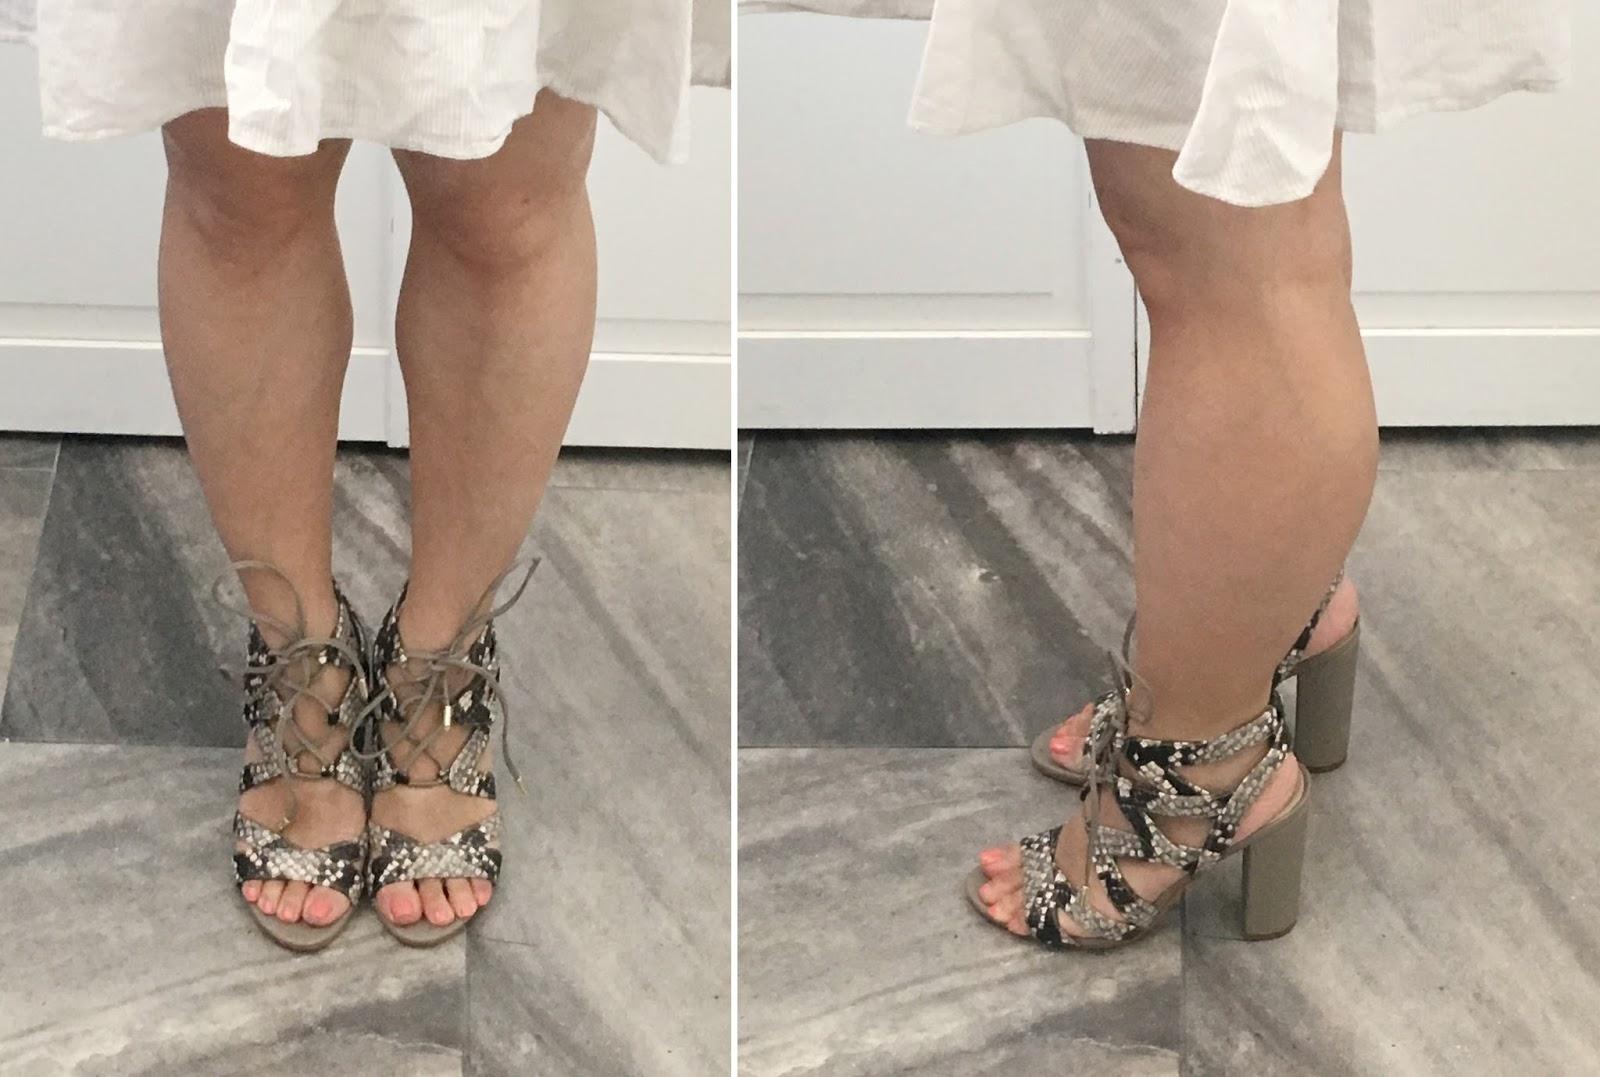 Consolation Shoes Pregnancy Pains